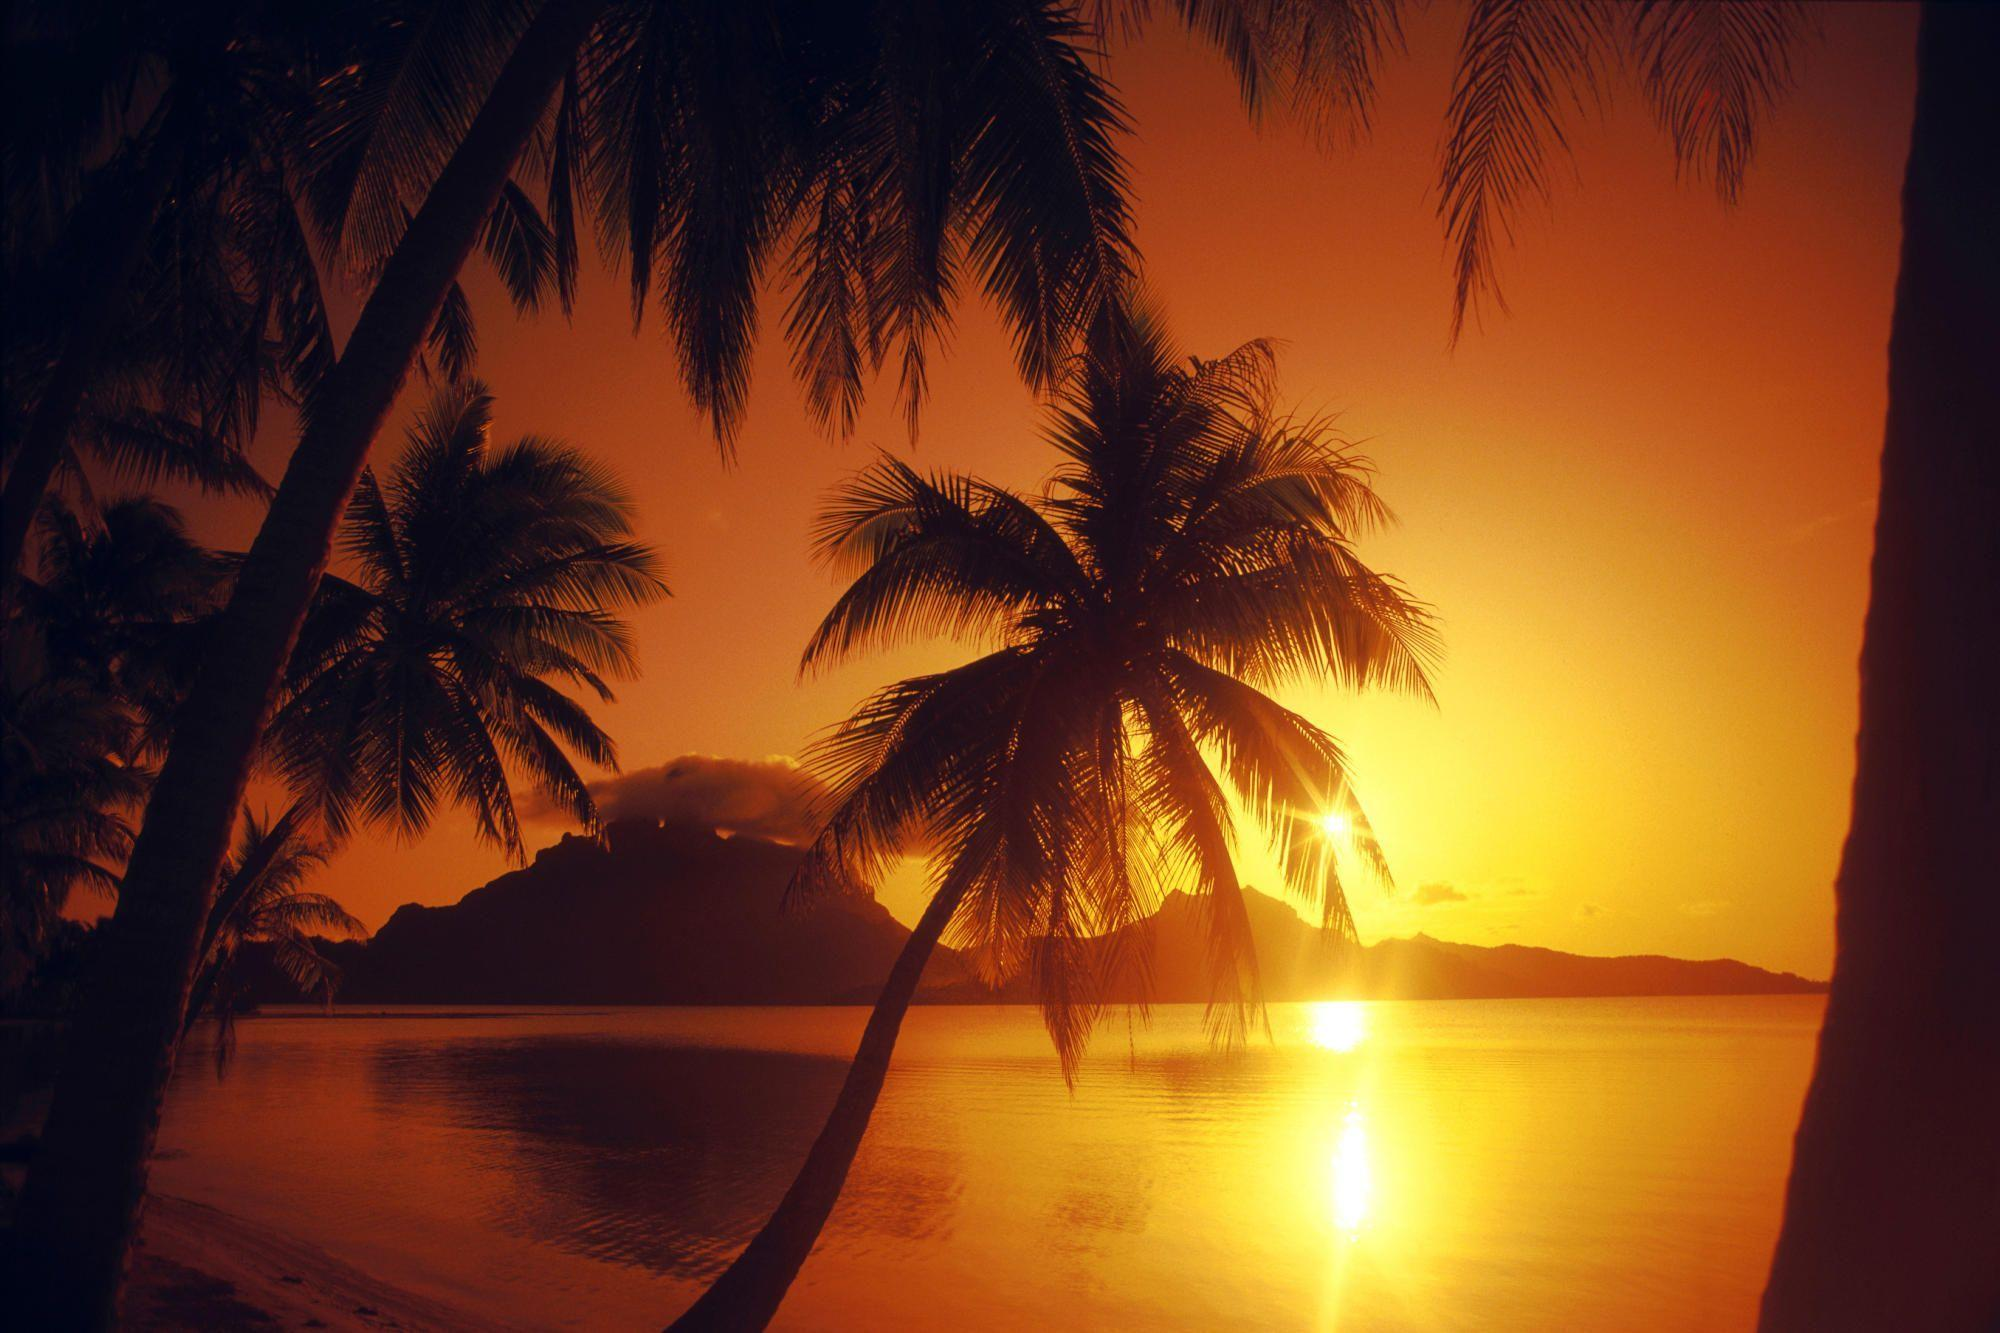 Beach Sunset Desktop Wallpapers - Wallpaper Cave